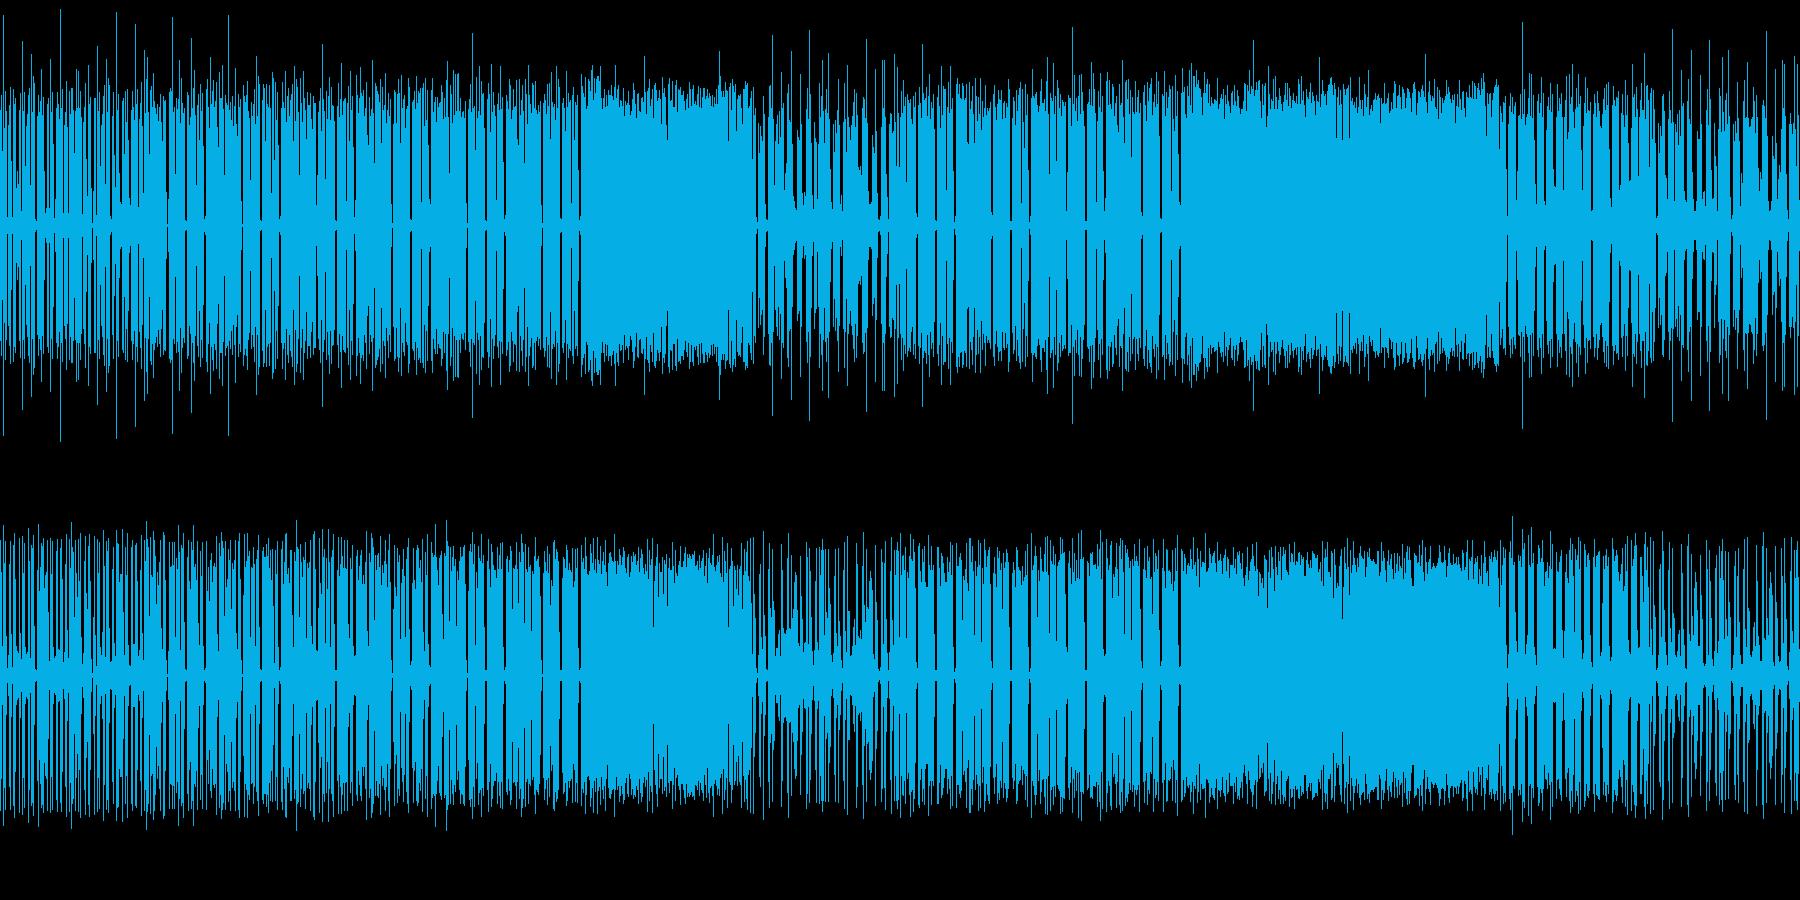 Ragga系のダンスミュージックです。の再生済みの波形